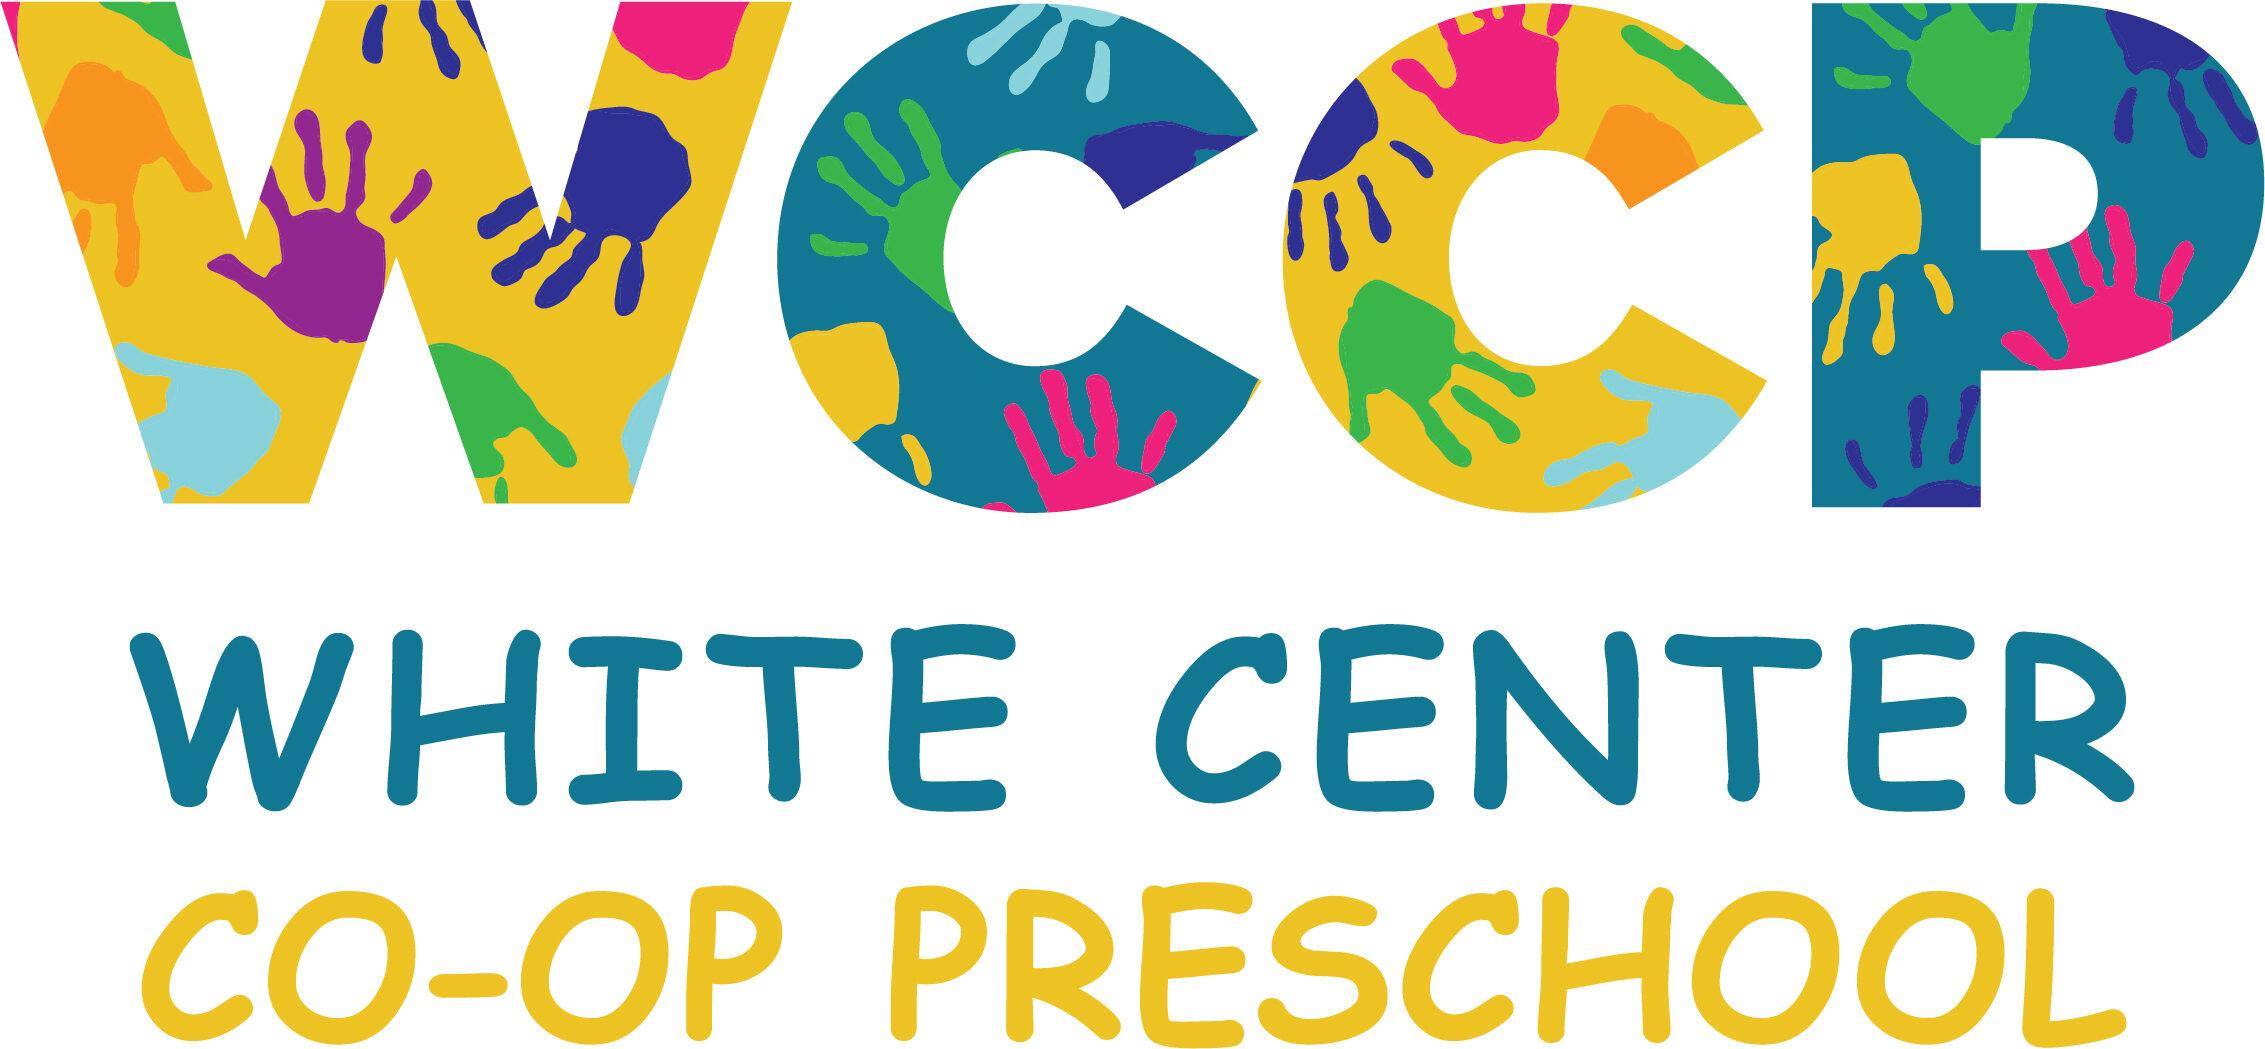 White Center Cooperative Preschool